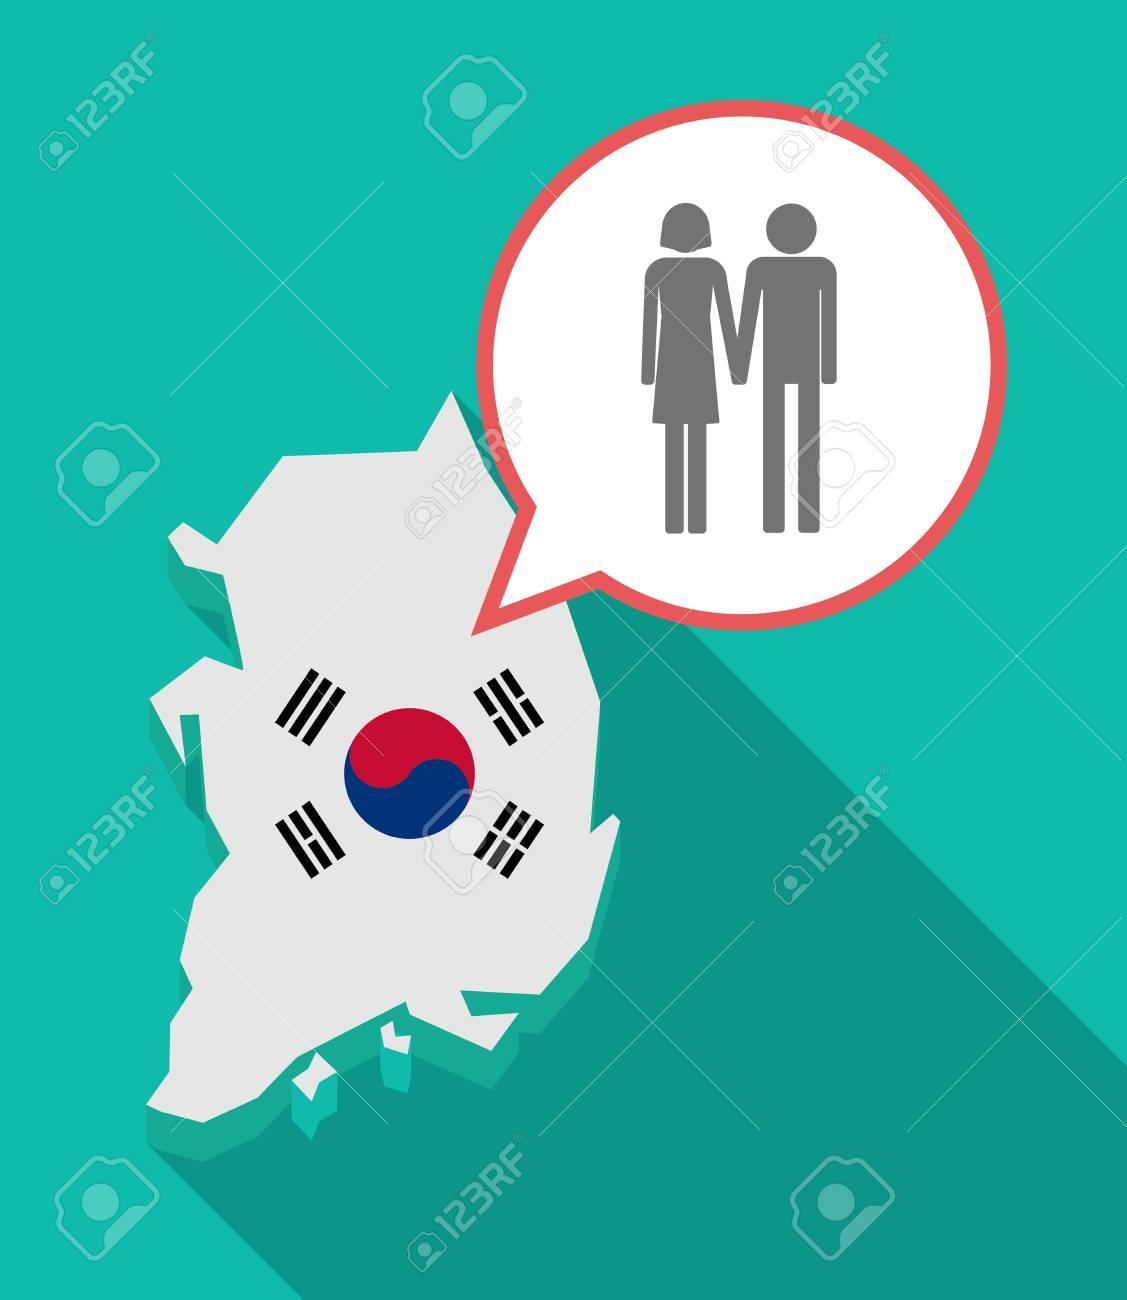 長い影韓国地図、彼の旗と異性カップル ピクトグラムと漫画風船の